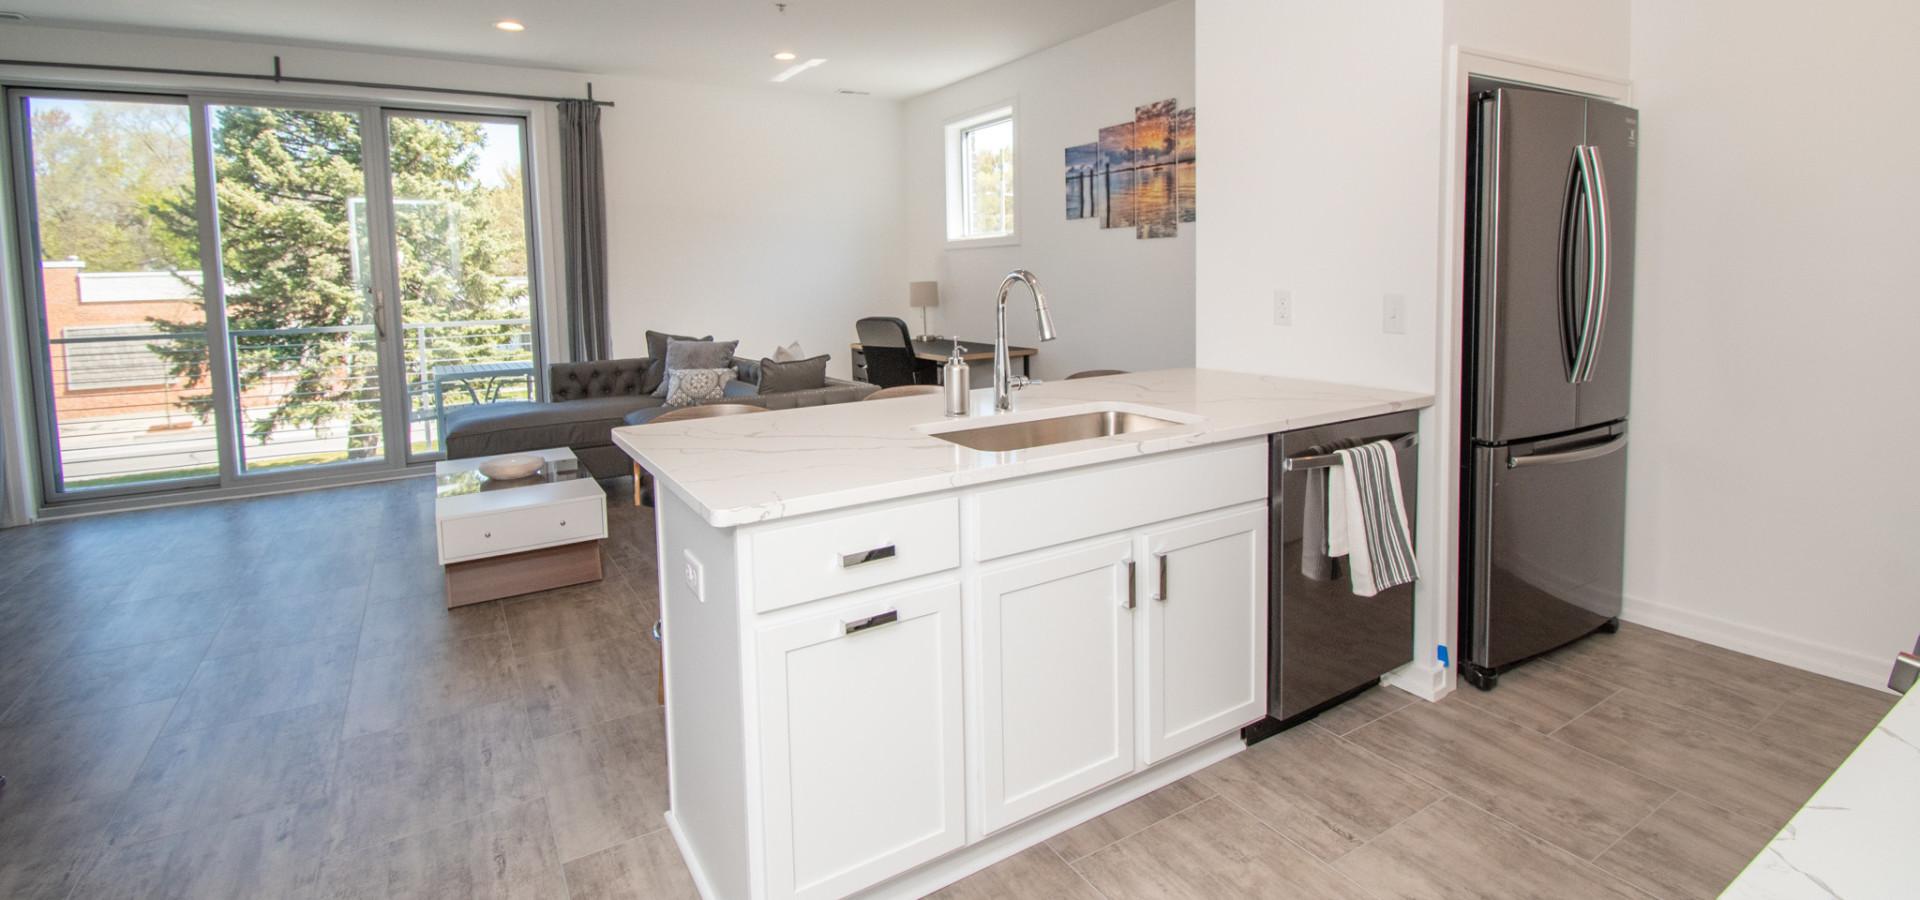 Live Well Apartments:  Open Floor Plan